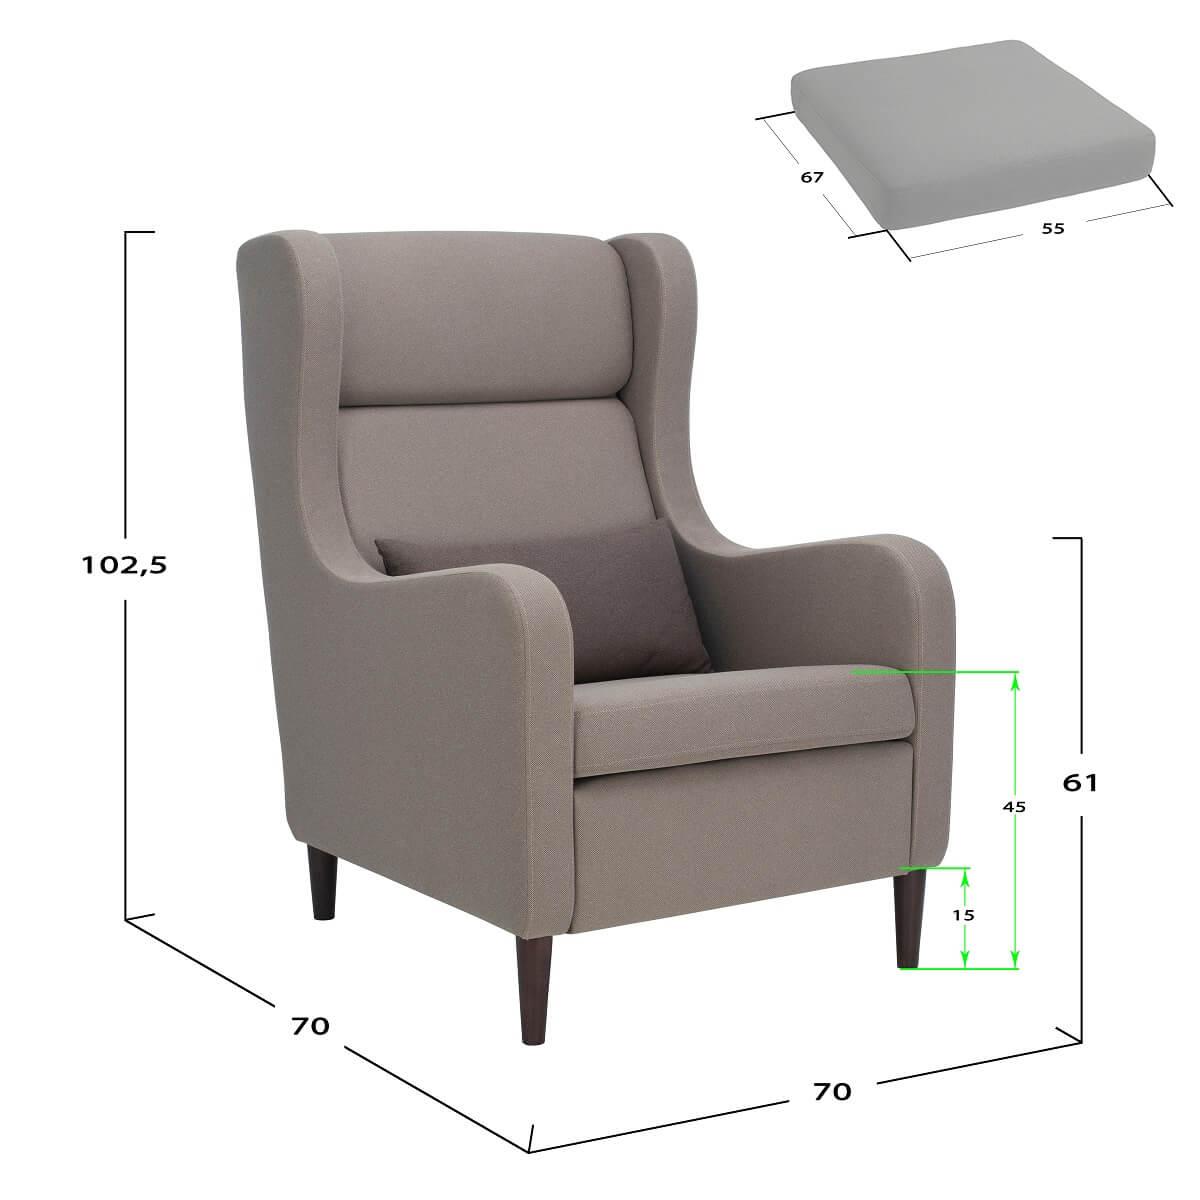 Кресло для отдыха каминное Leset Хилтон - габариты и размеры